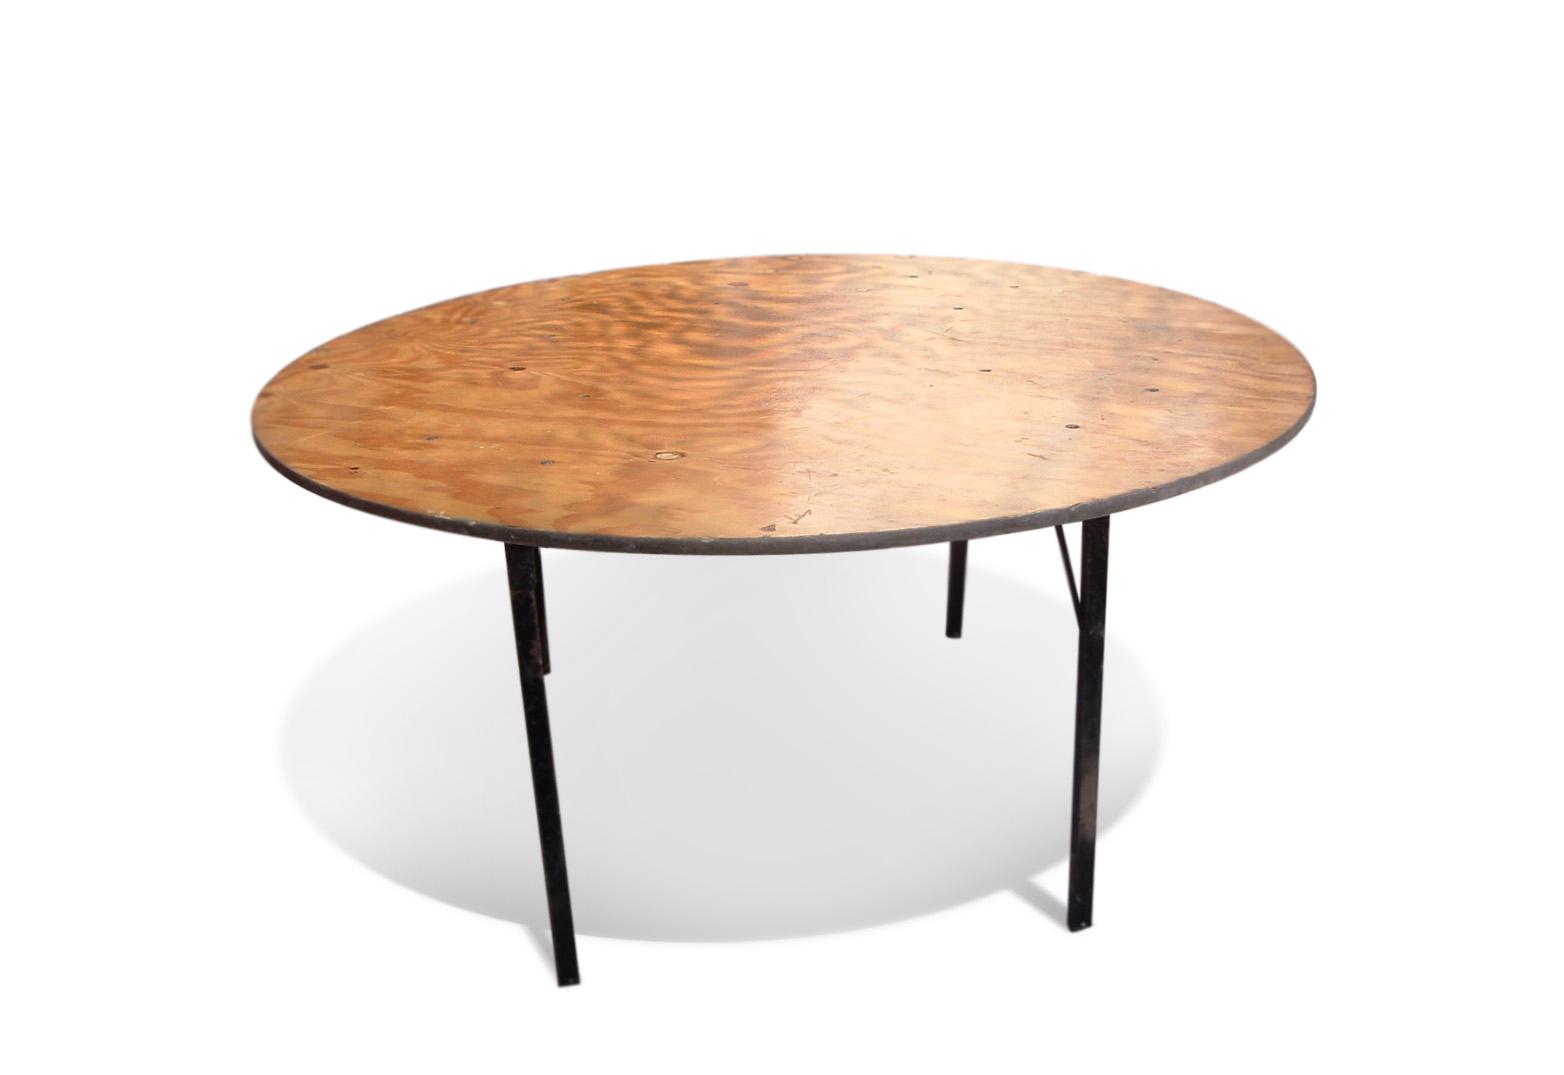 Que es una mesa redonda trendy mesa redonda alas no esta disponible with que es una mesa - Que es mesa redonda ...